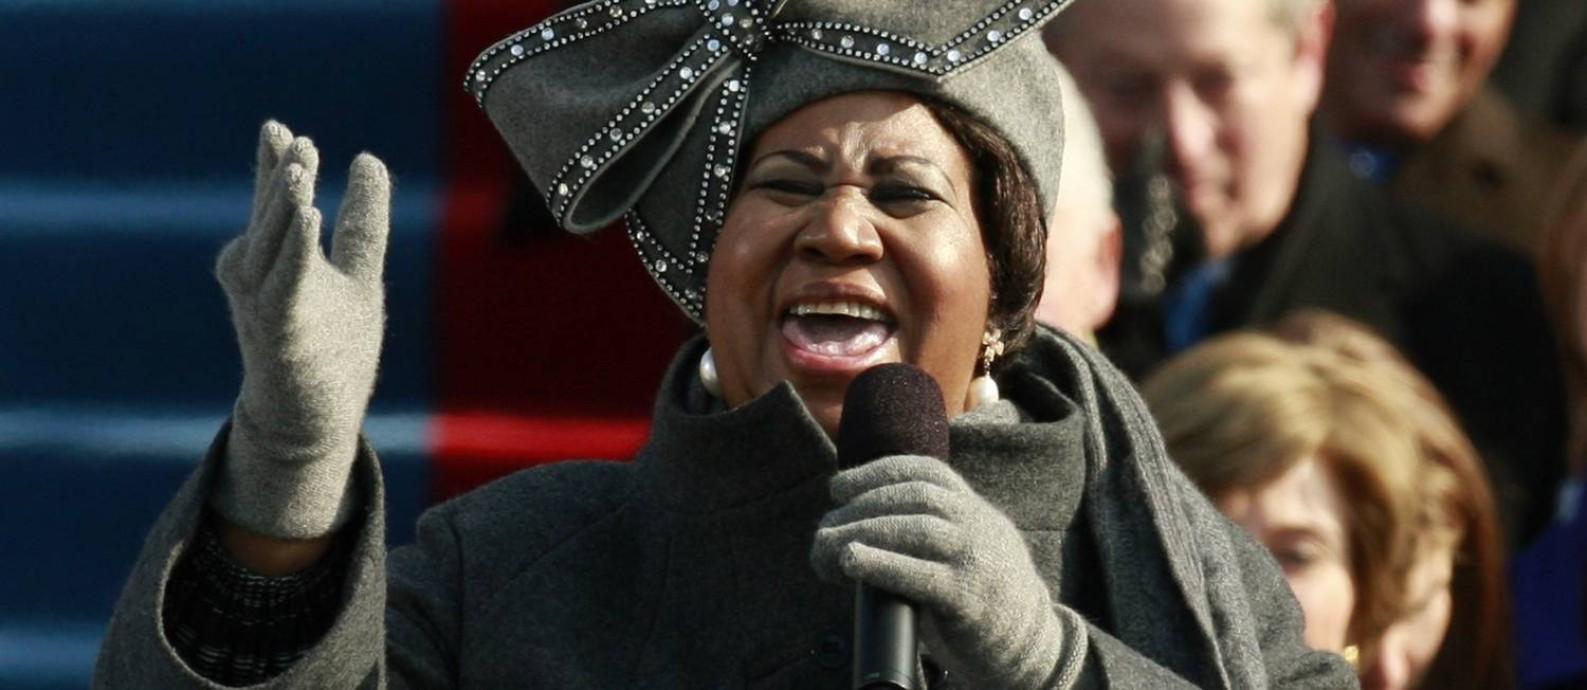 Aretha Franklin canta para o recém-eleito presidente Barack Obama, em 2009 Foto: Jason Reed/Reuters